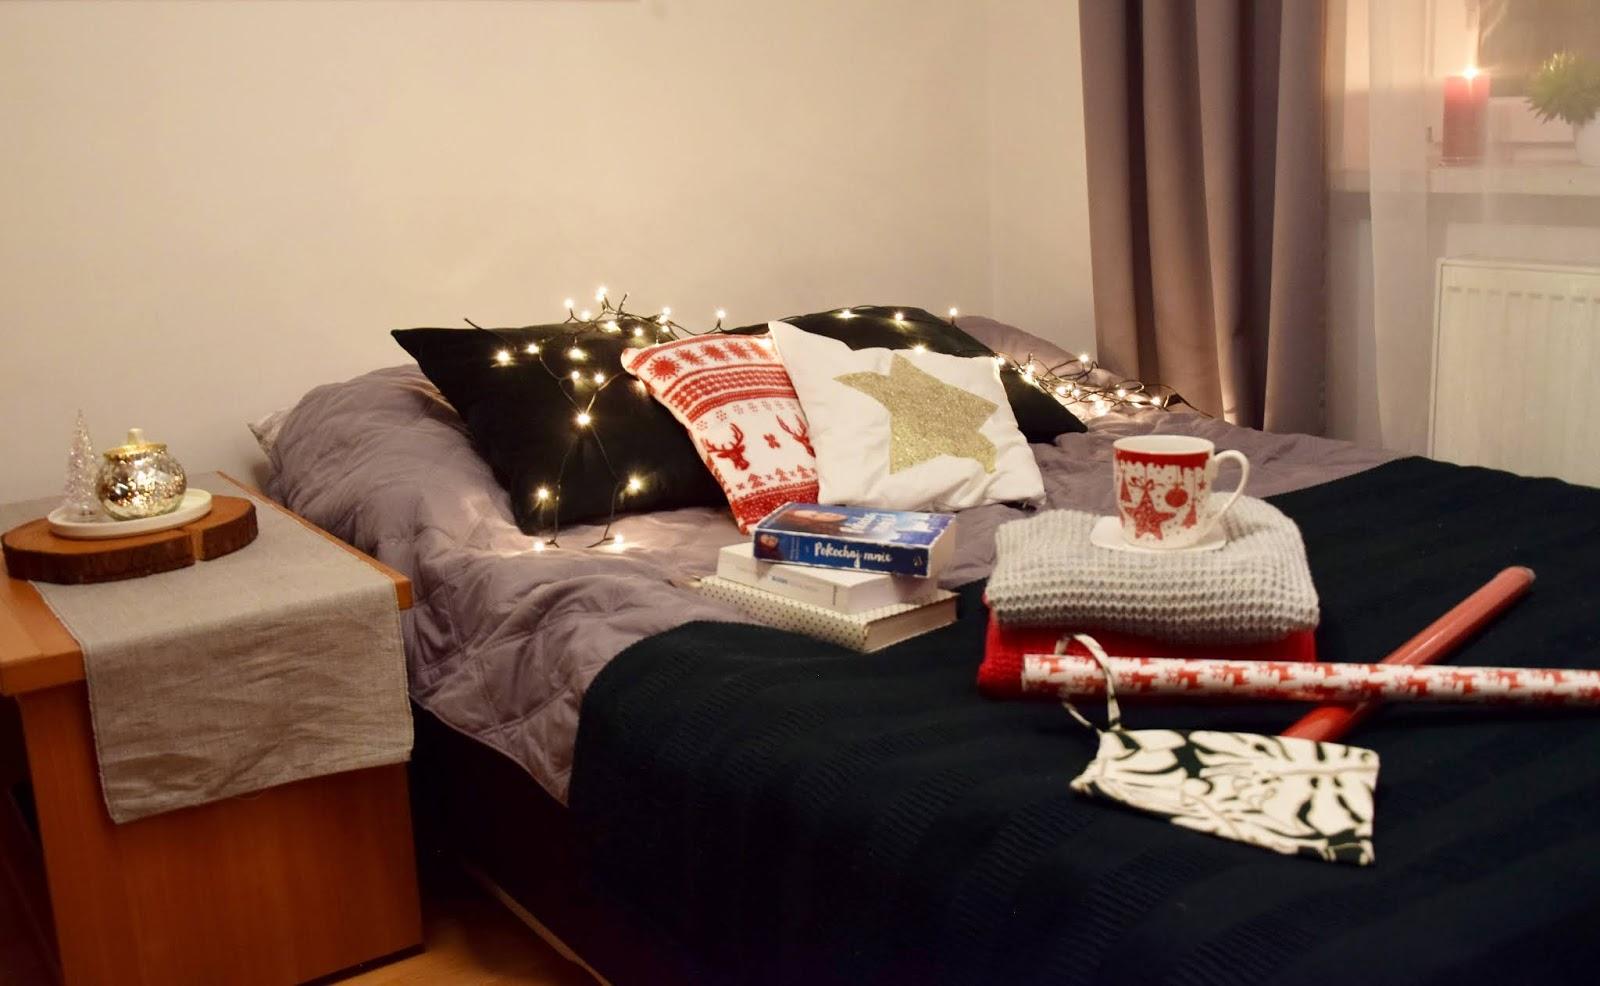 Prezentowy poradnik świąteczny - 6 pomysłów na prezenty pod choinkę